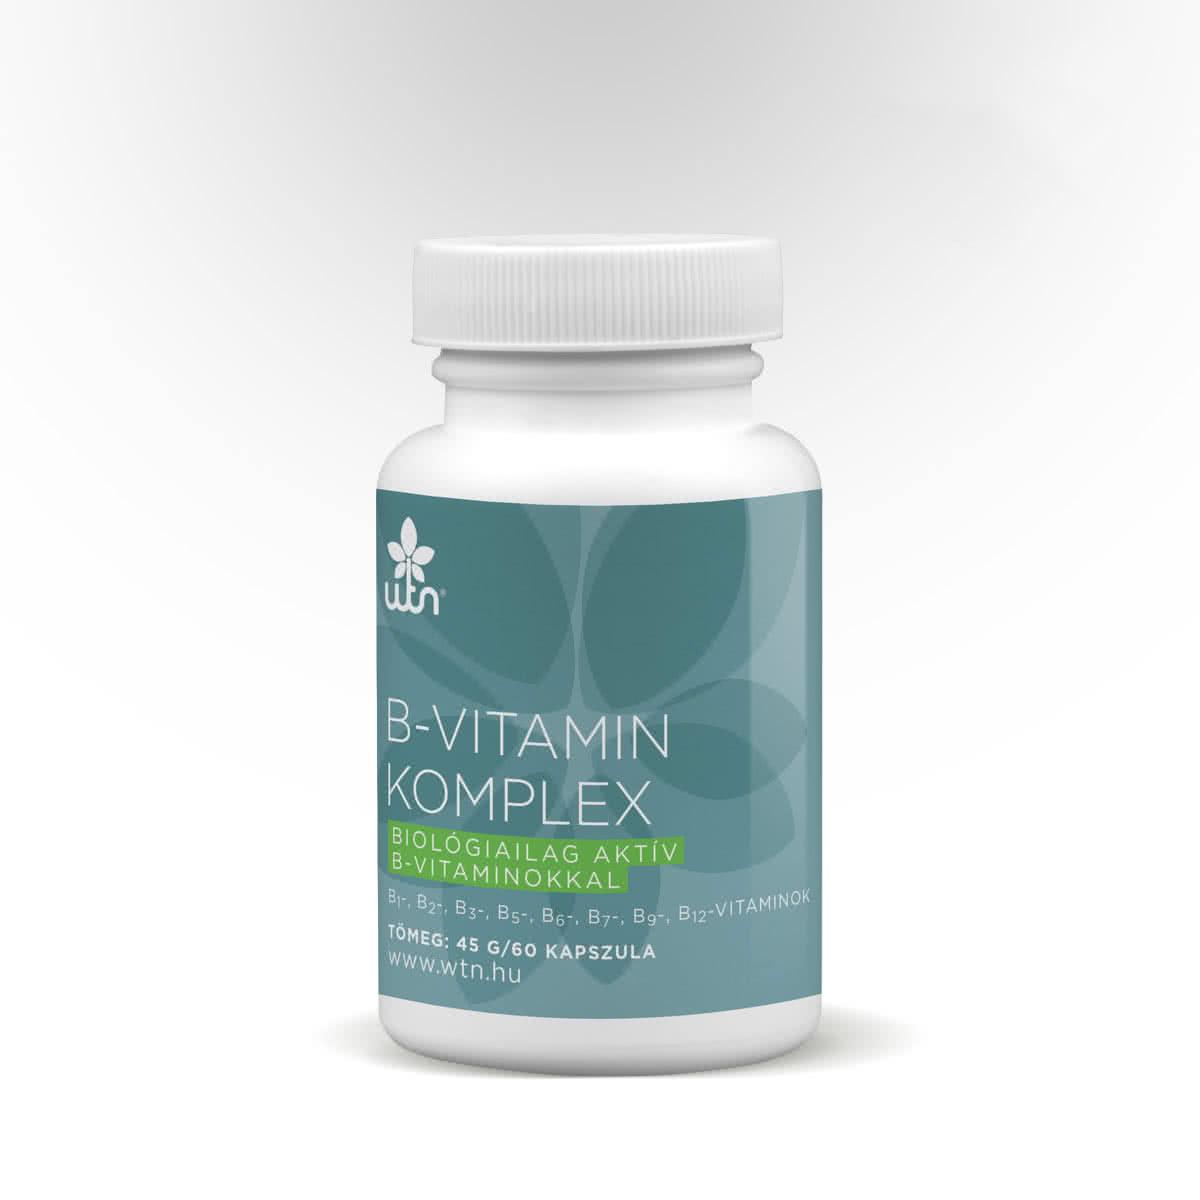 Wise Tree Naturals B-vitamin komplex 60 kap.